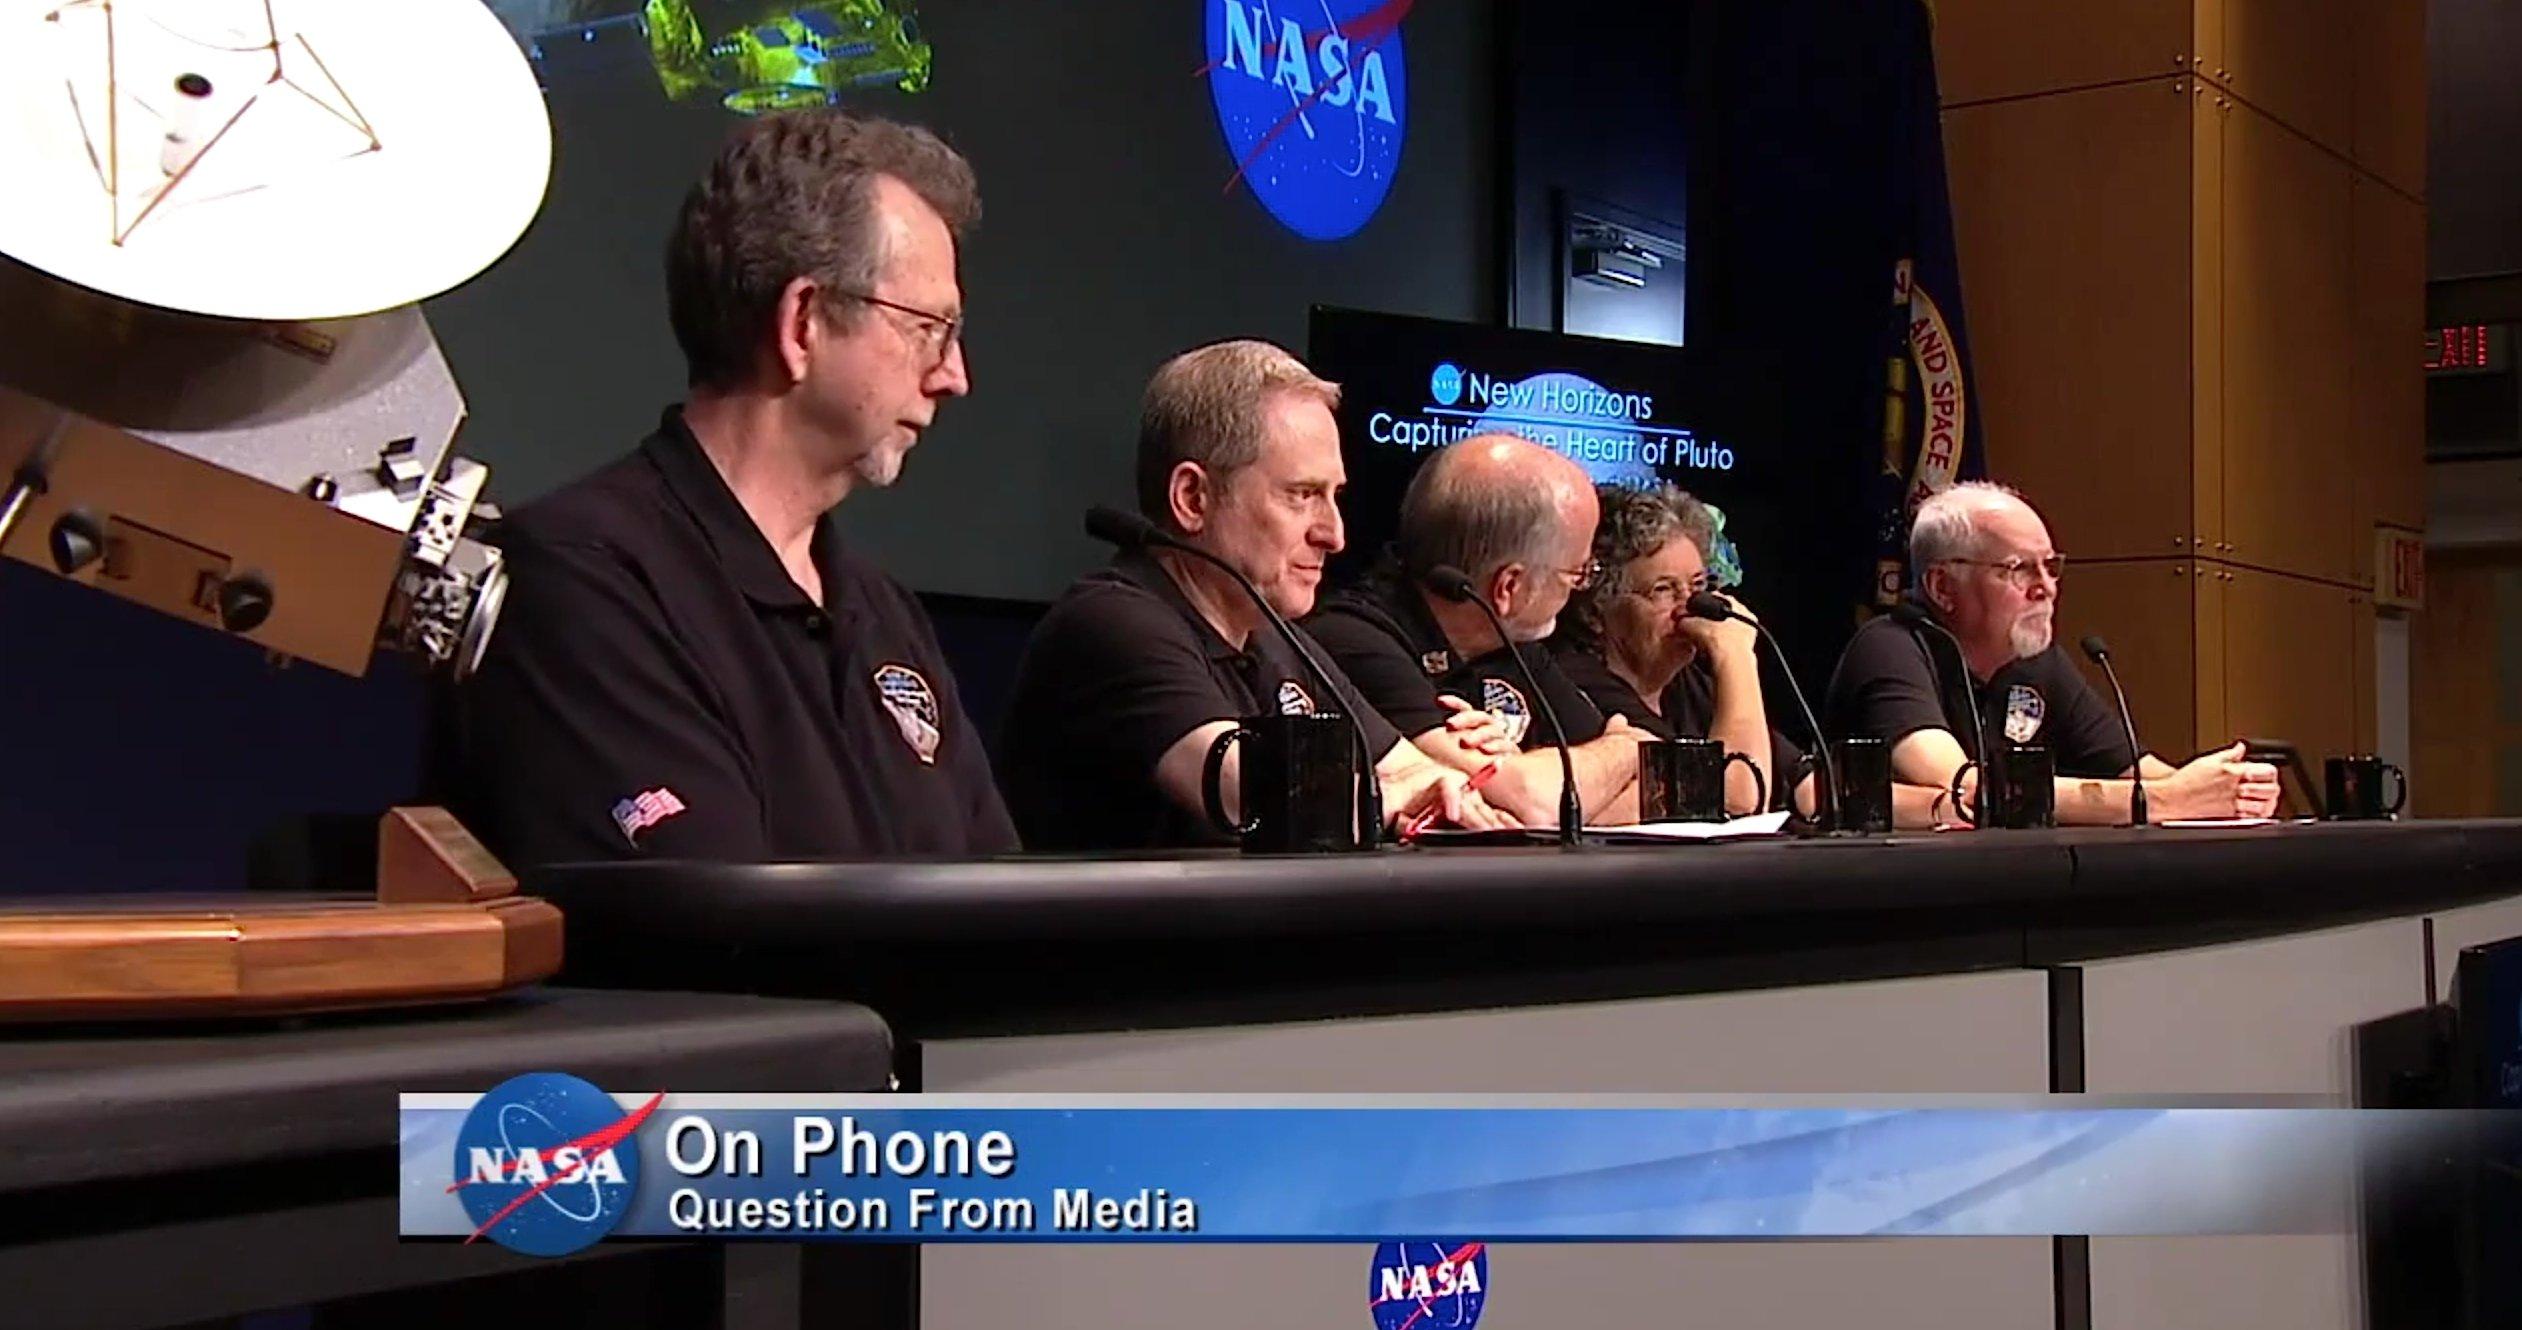 PK der Nasa zu den neuesten Ergebnissen der Mission New Horizons:Es wird noch 16 Monate andauern, bis alle bei diesem Vorbeiflug gesammelten Daten auf der Erde angekommen sind.